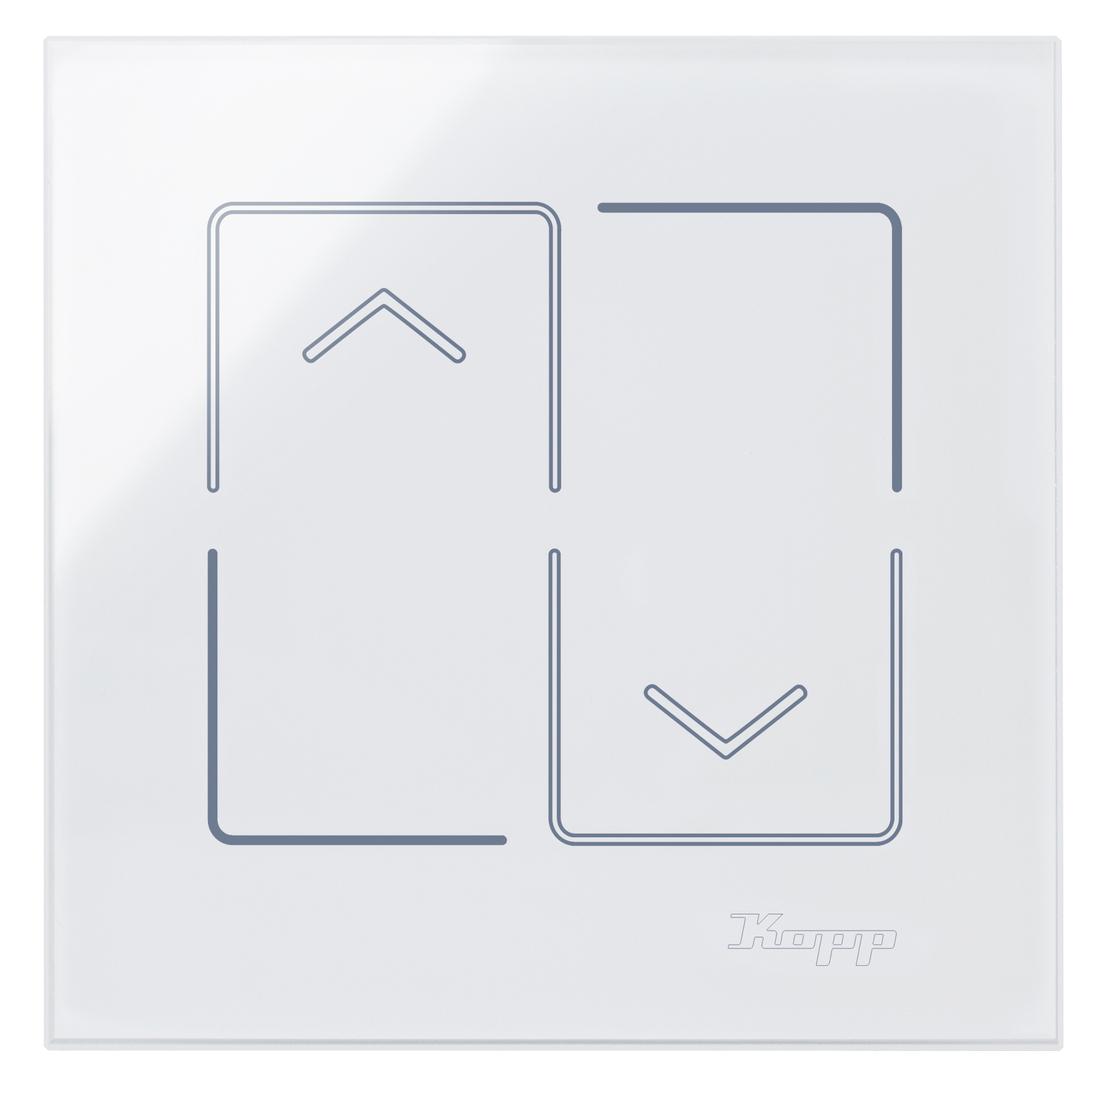 Kopp HKi8 glas sensor 1-voudig voor jaloezieschakelaar wit